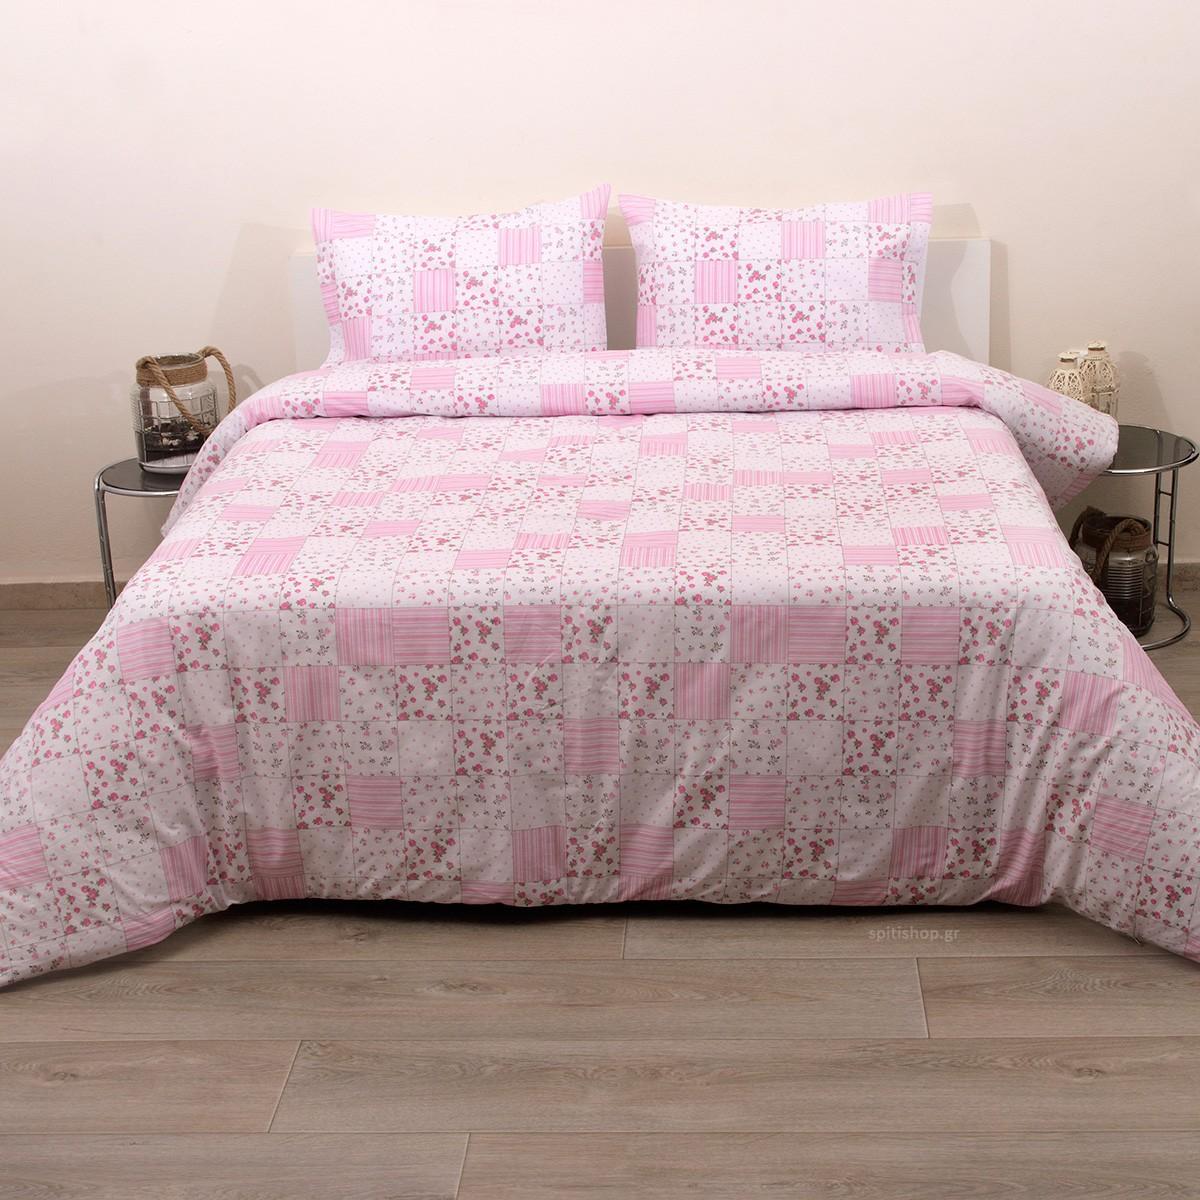 Πάπλωμα Ημίδιπλο (Σετ) Viopros Fresh Ρόουζ home   κρεβατοκάμαρα   παπλώματα   παπλώματα ημίδιπλα   διπλά